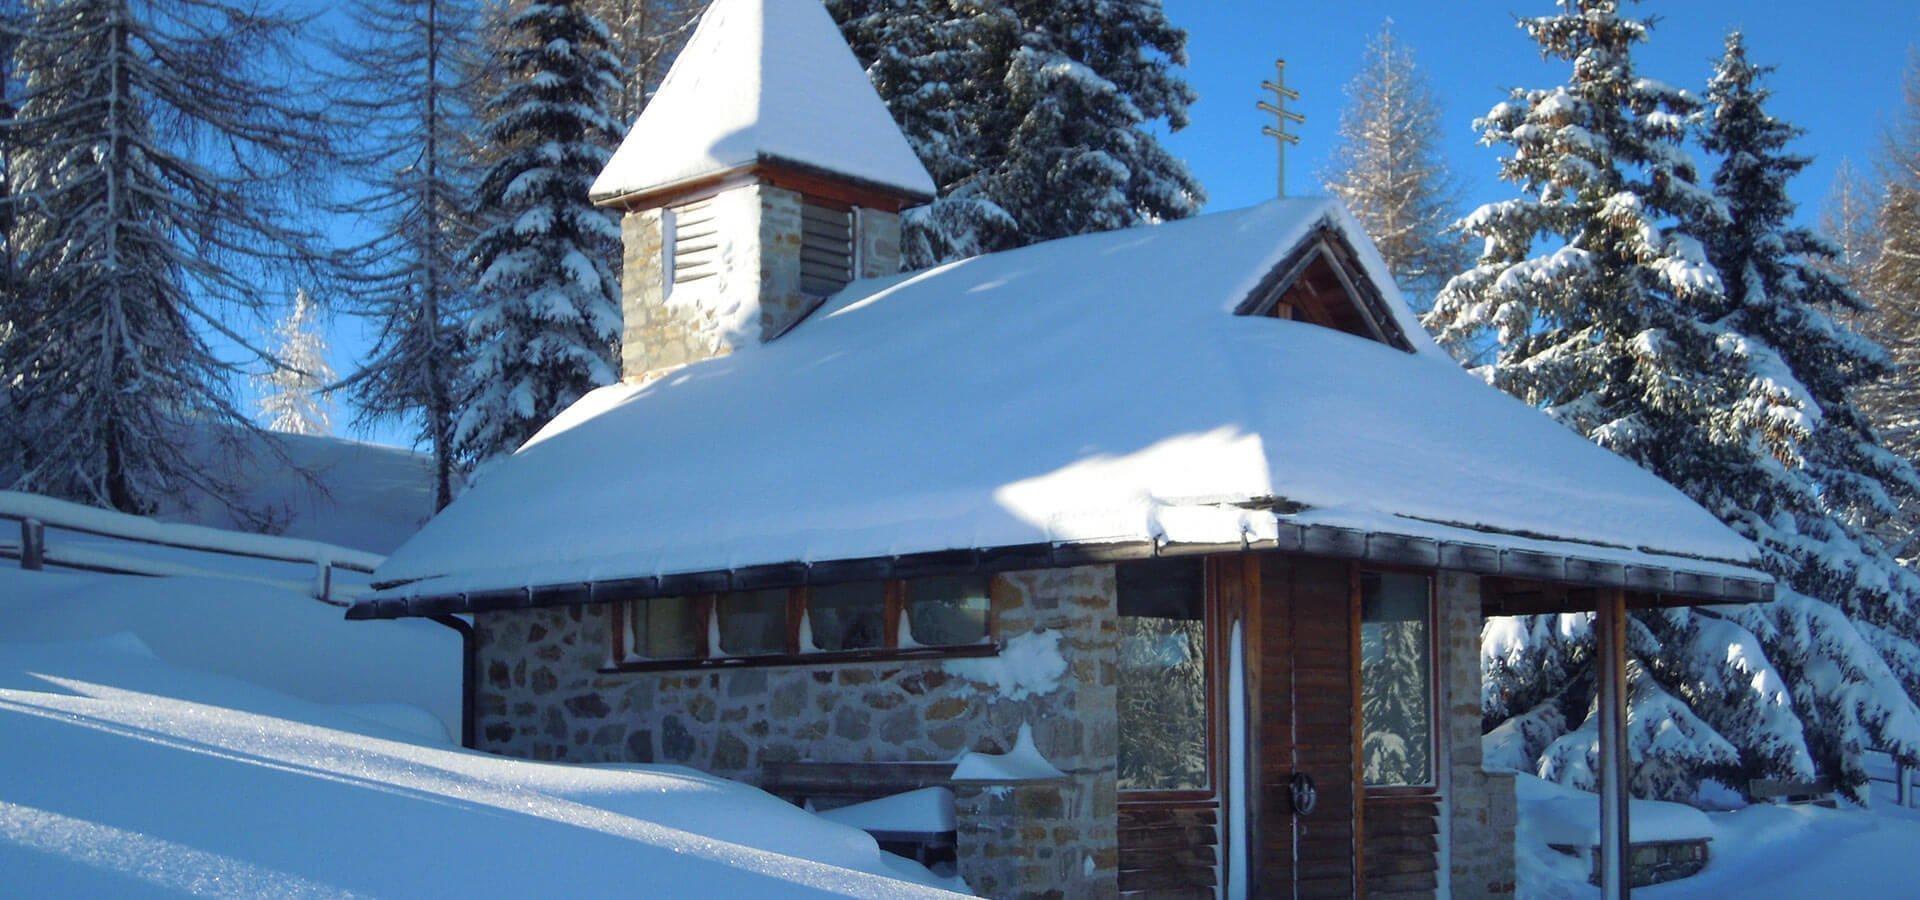 Pianer Kreuz Kapelle – Die kleine Bergkapelle auf der Rodenecker Alm